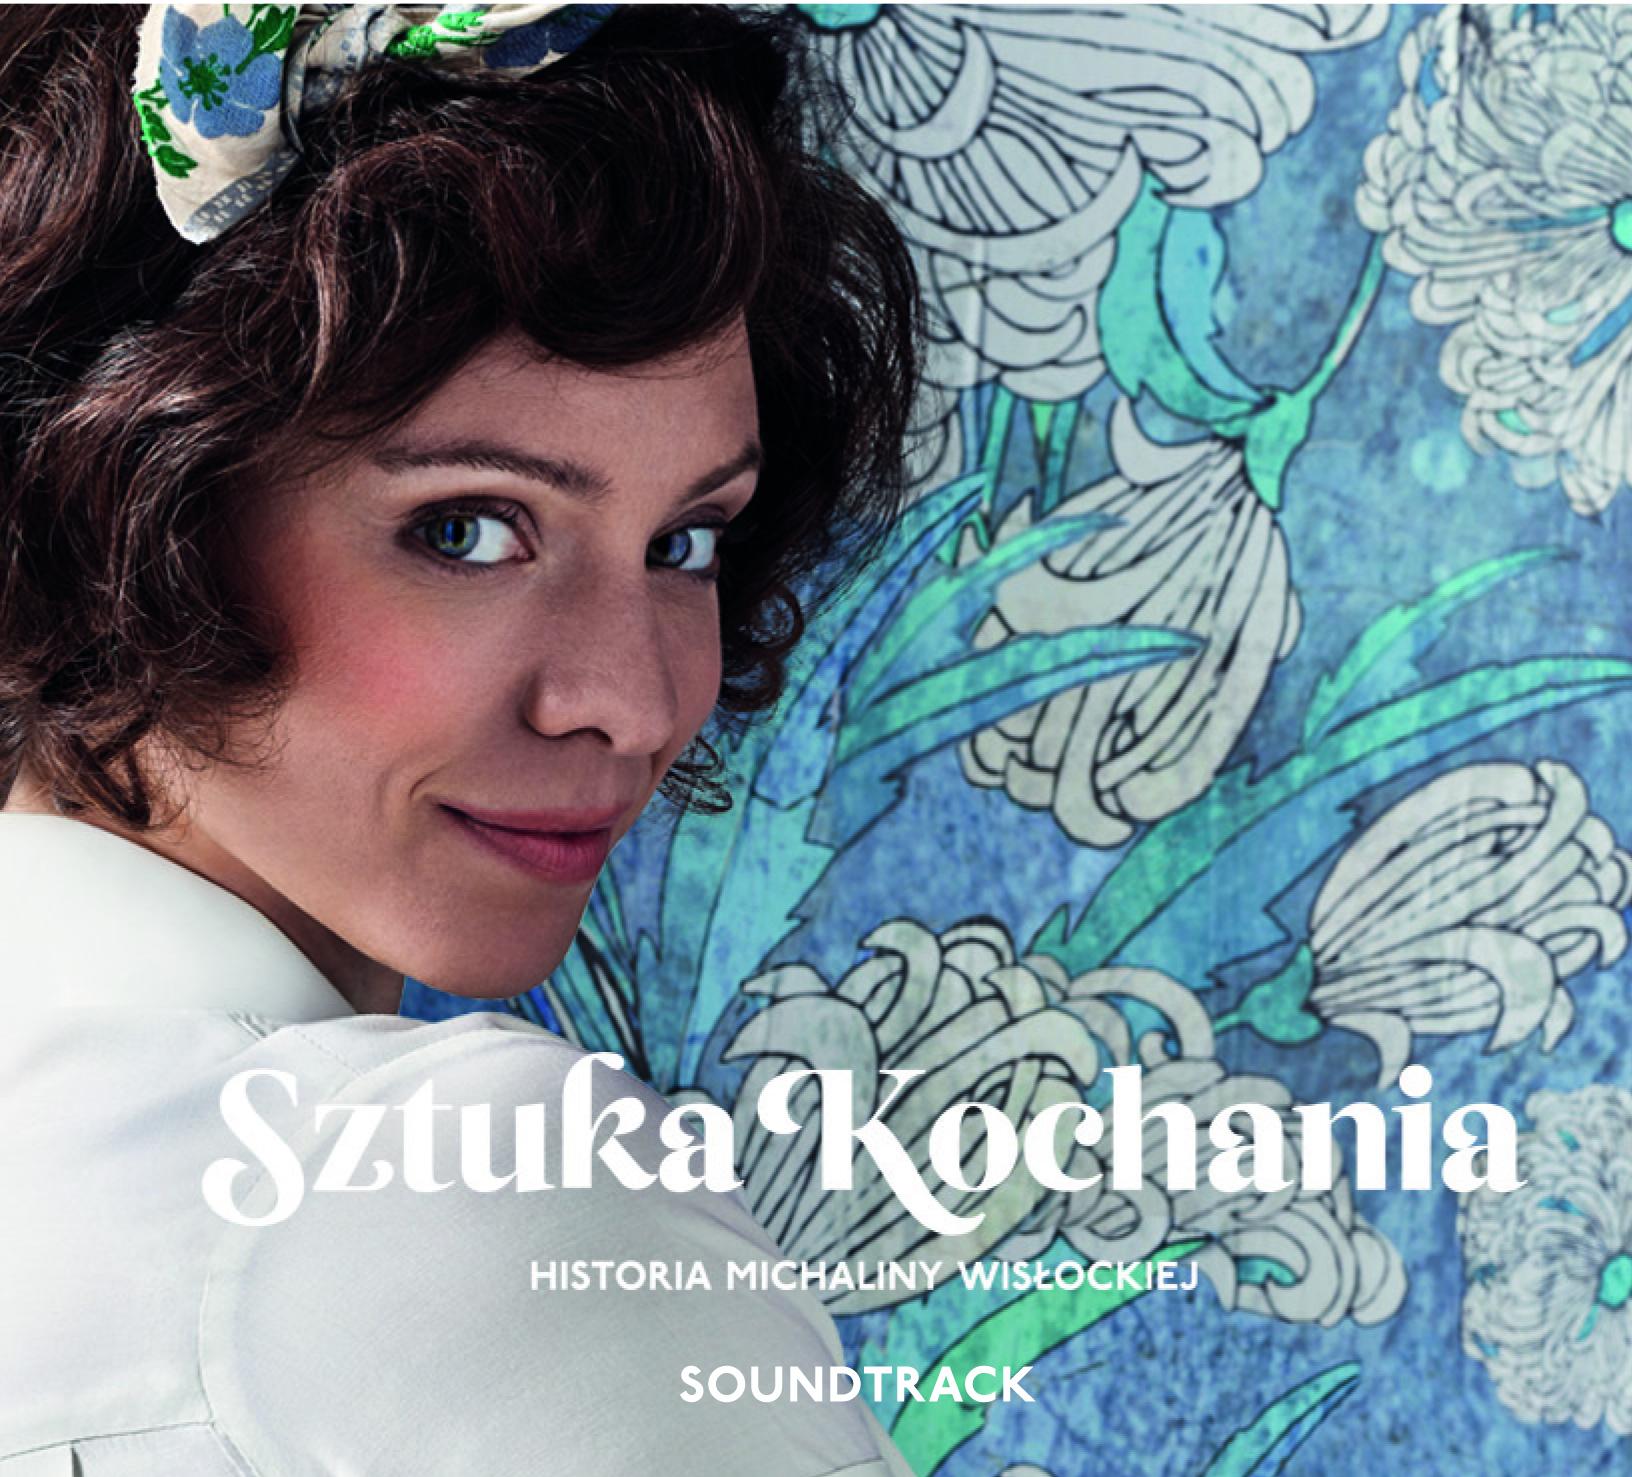 Sztuka_kochania_okladka_CD.indd